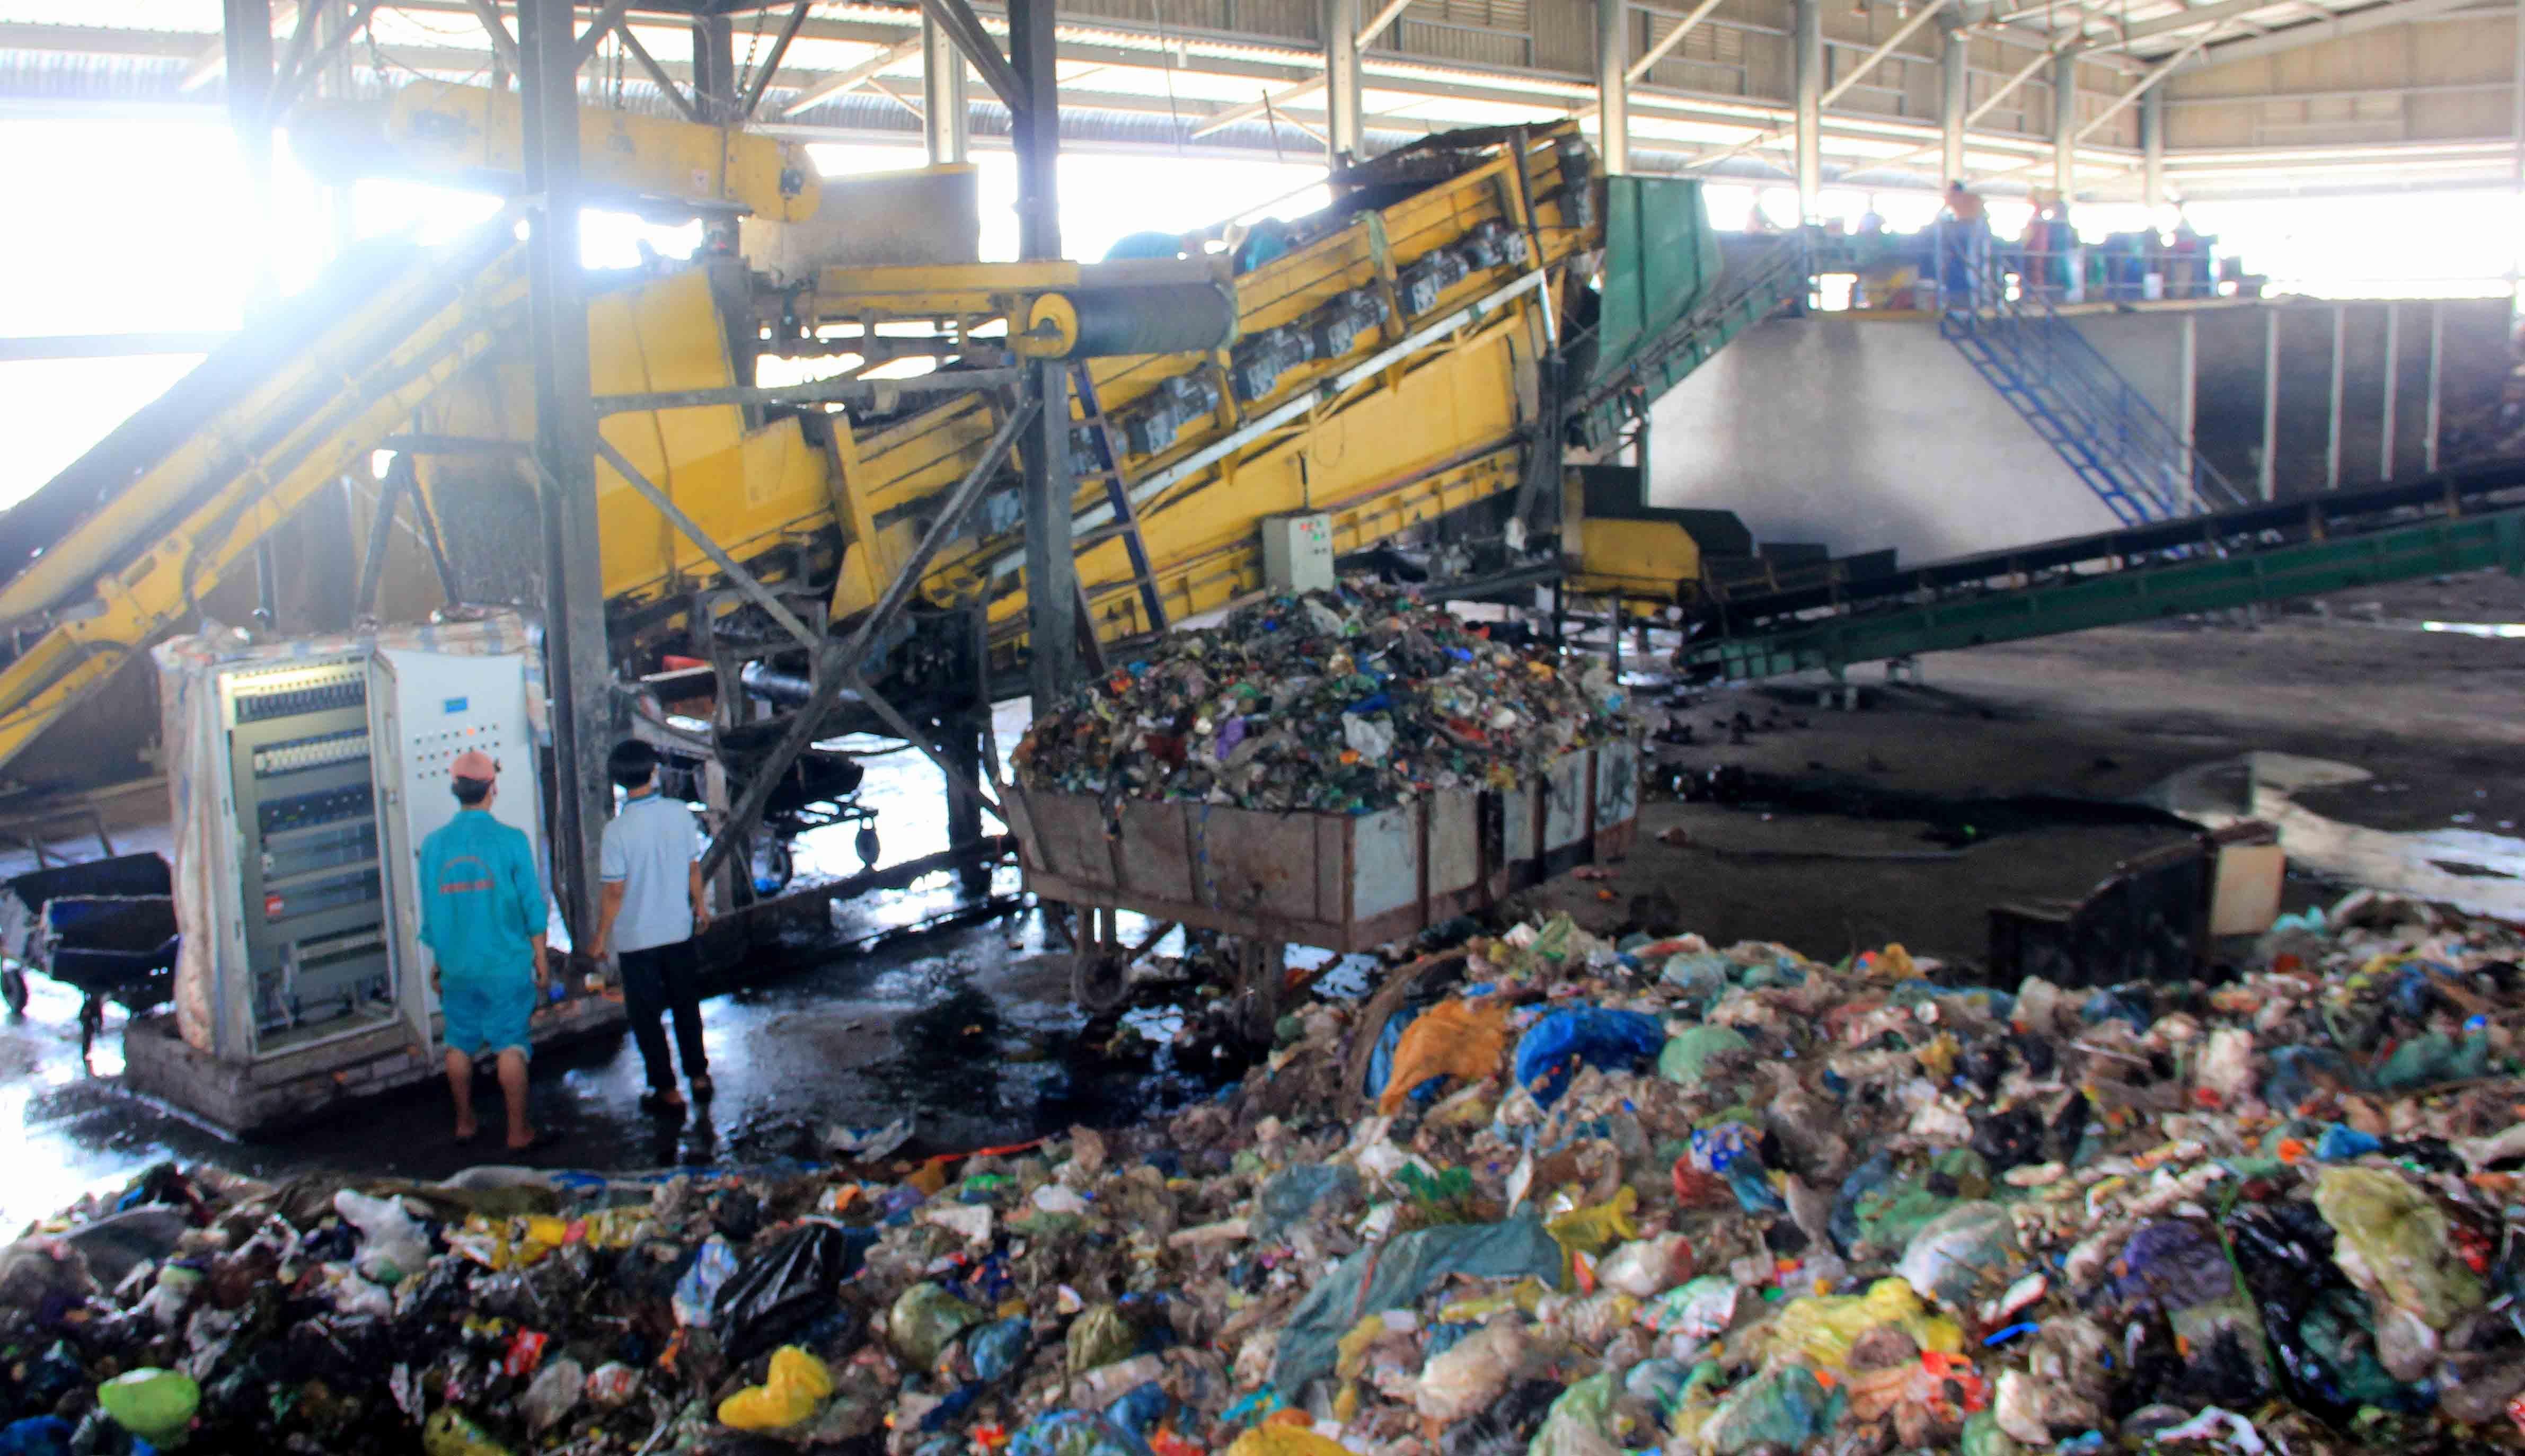 Việc đầu tư các nhà máy xử lý hoặc tái chế rác thải đang là yêu cầu lớn thế nhưng lựa chọn vốn đầu tư, công nghệ và việc đưa sản phẩm ra thị trường đang là khâu yếu nhất của chủ trương này.